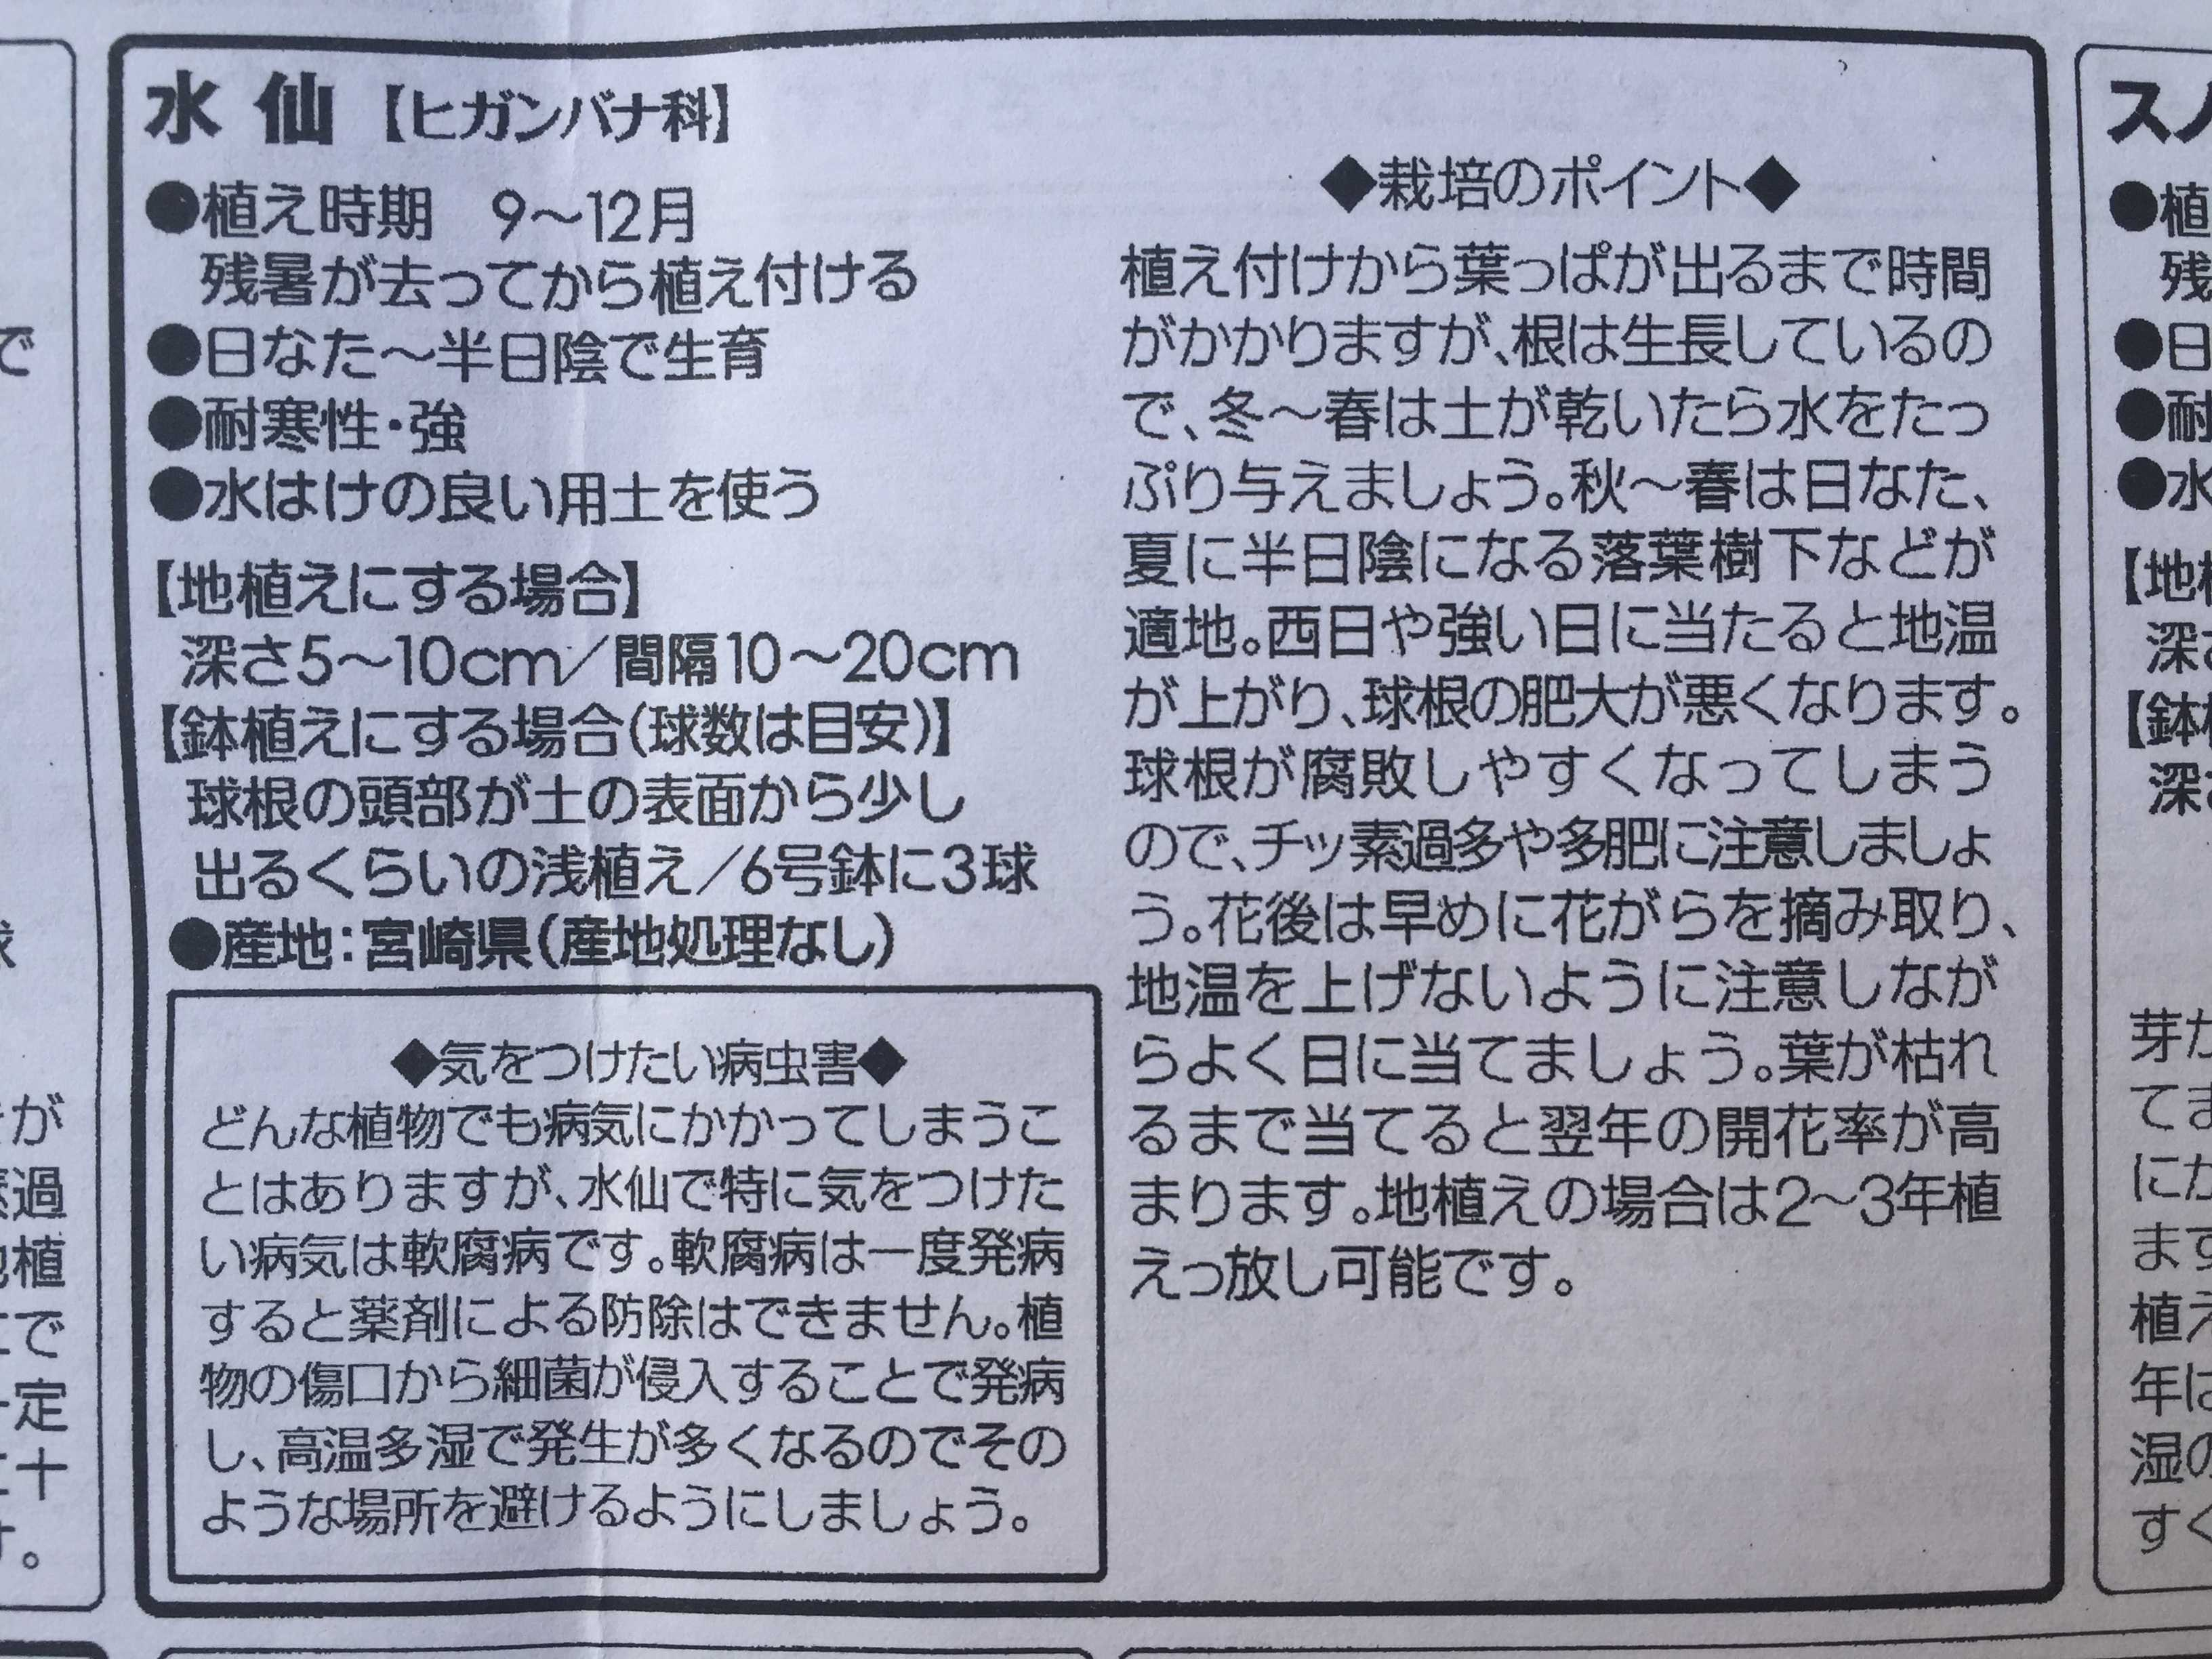 水仙【ヒガンバナ科】 地植えにする場合 深さ5~10cm / 間隔 10~20cm